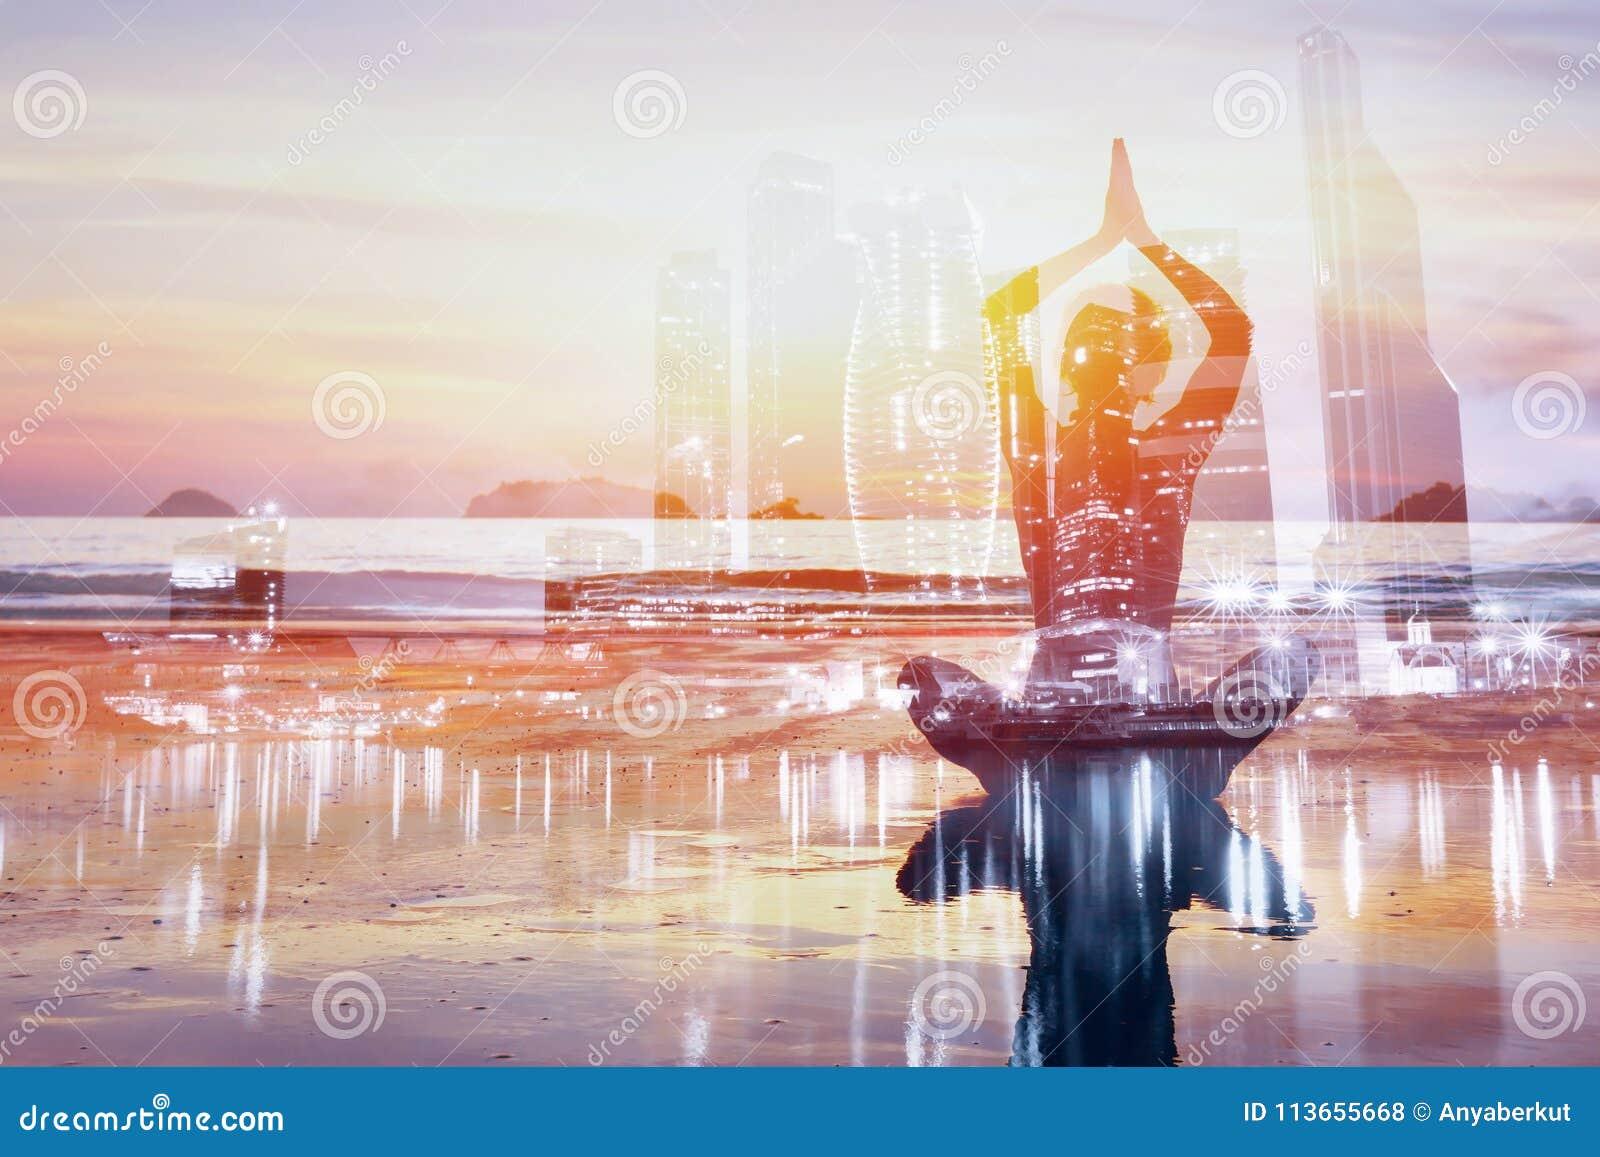 Bakgrund för dubbel exponering för yoga, sund livsstil